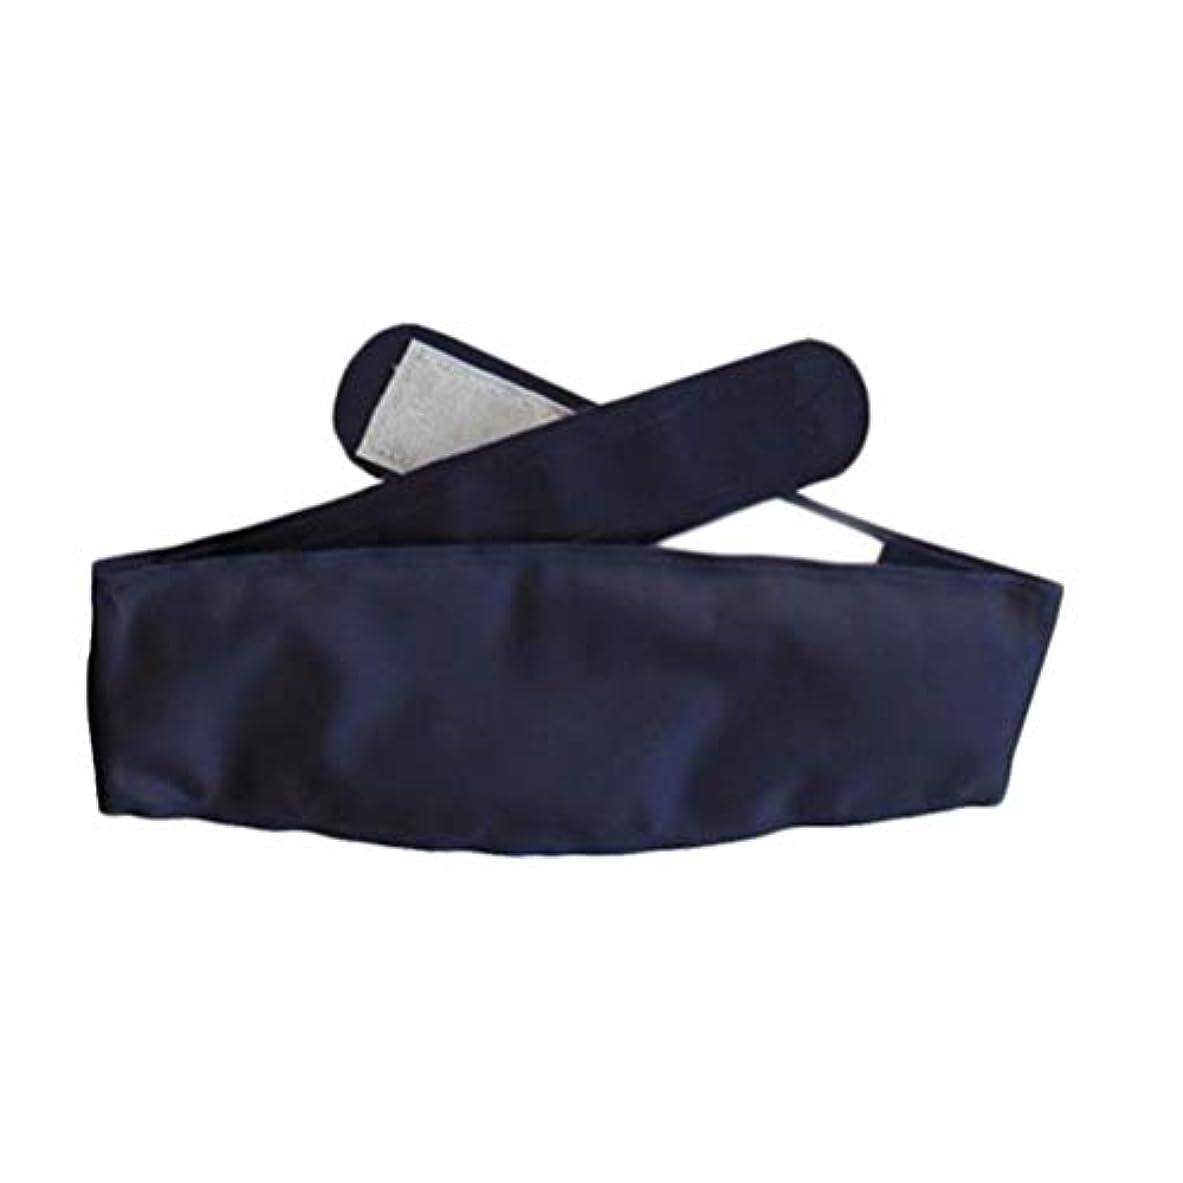 オプション広まった計算Healifty コールドジェルはアイスパッドにストラップを詰めますオーバーヒート傷害のためのホットコールドセラピー応急処置痛み腫れあざ捻rain炎症痛みの緩和